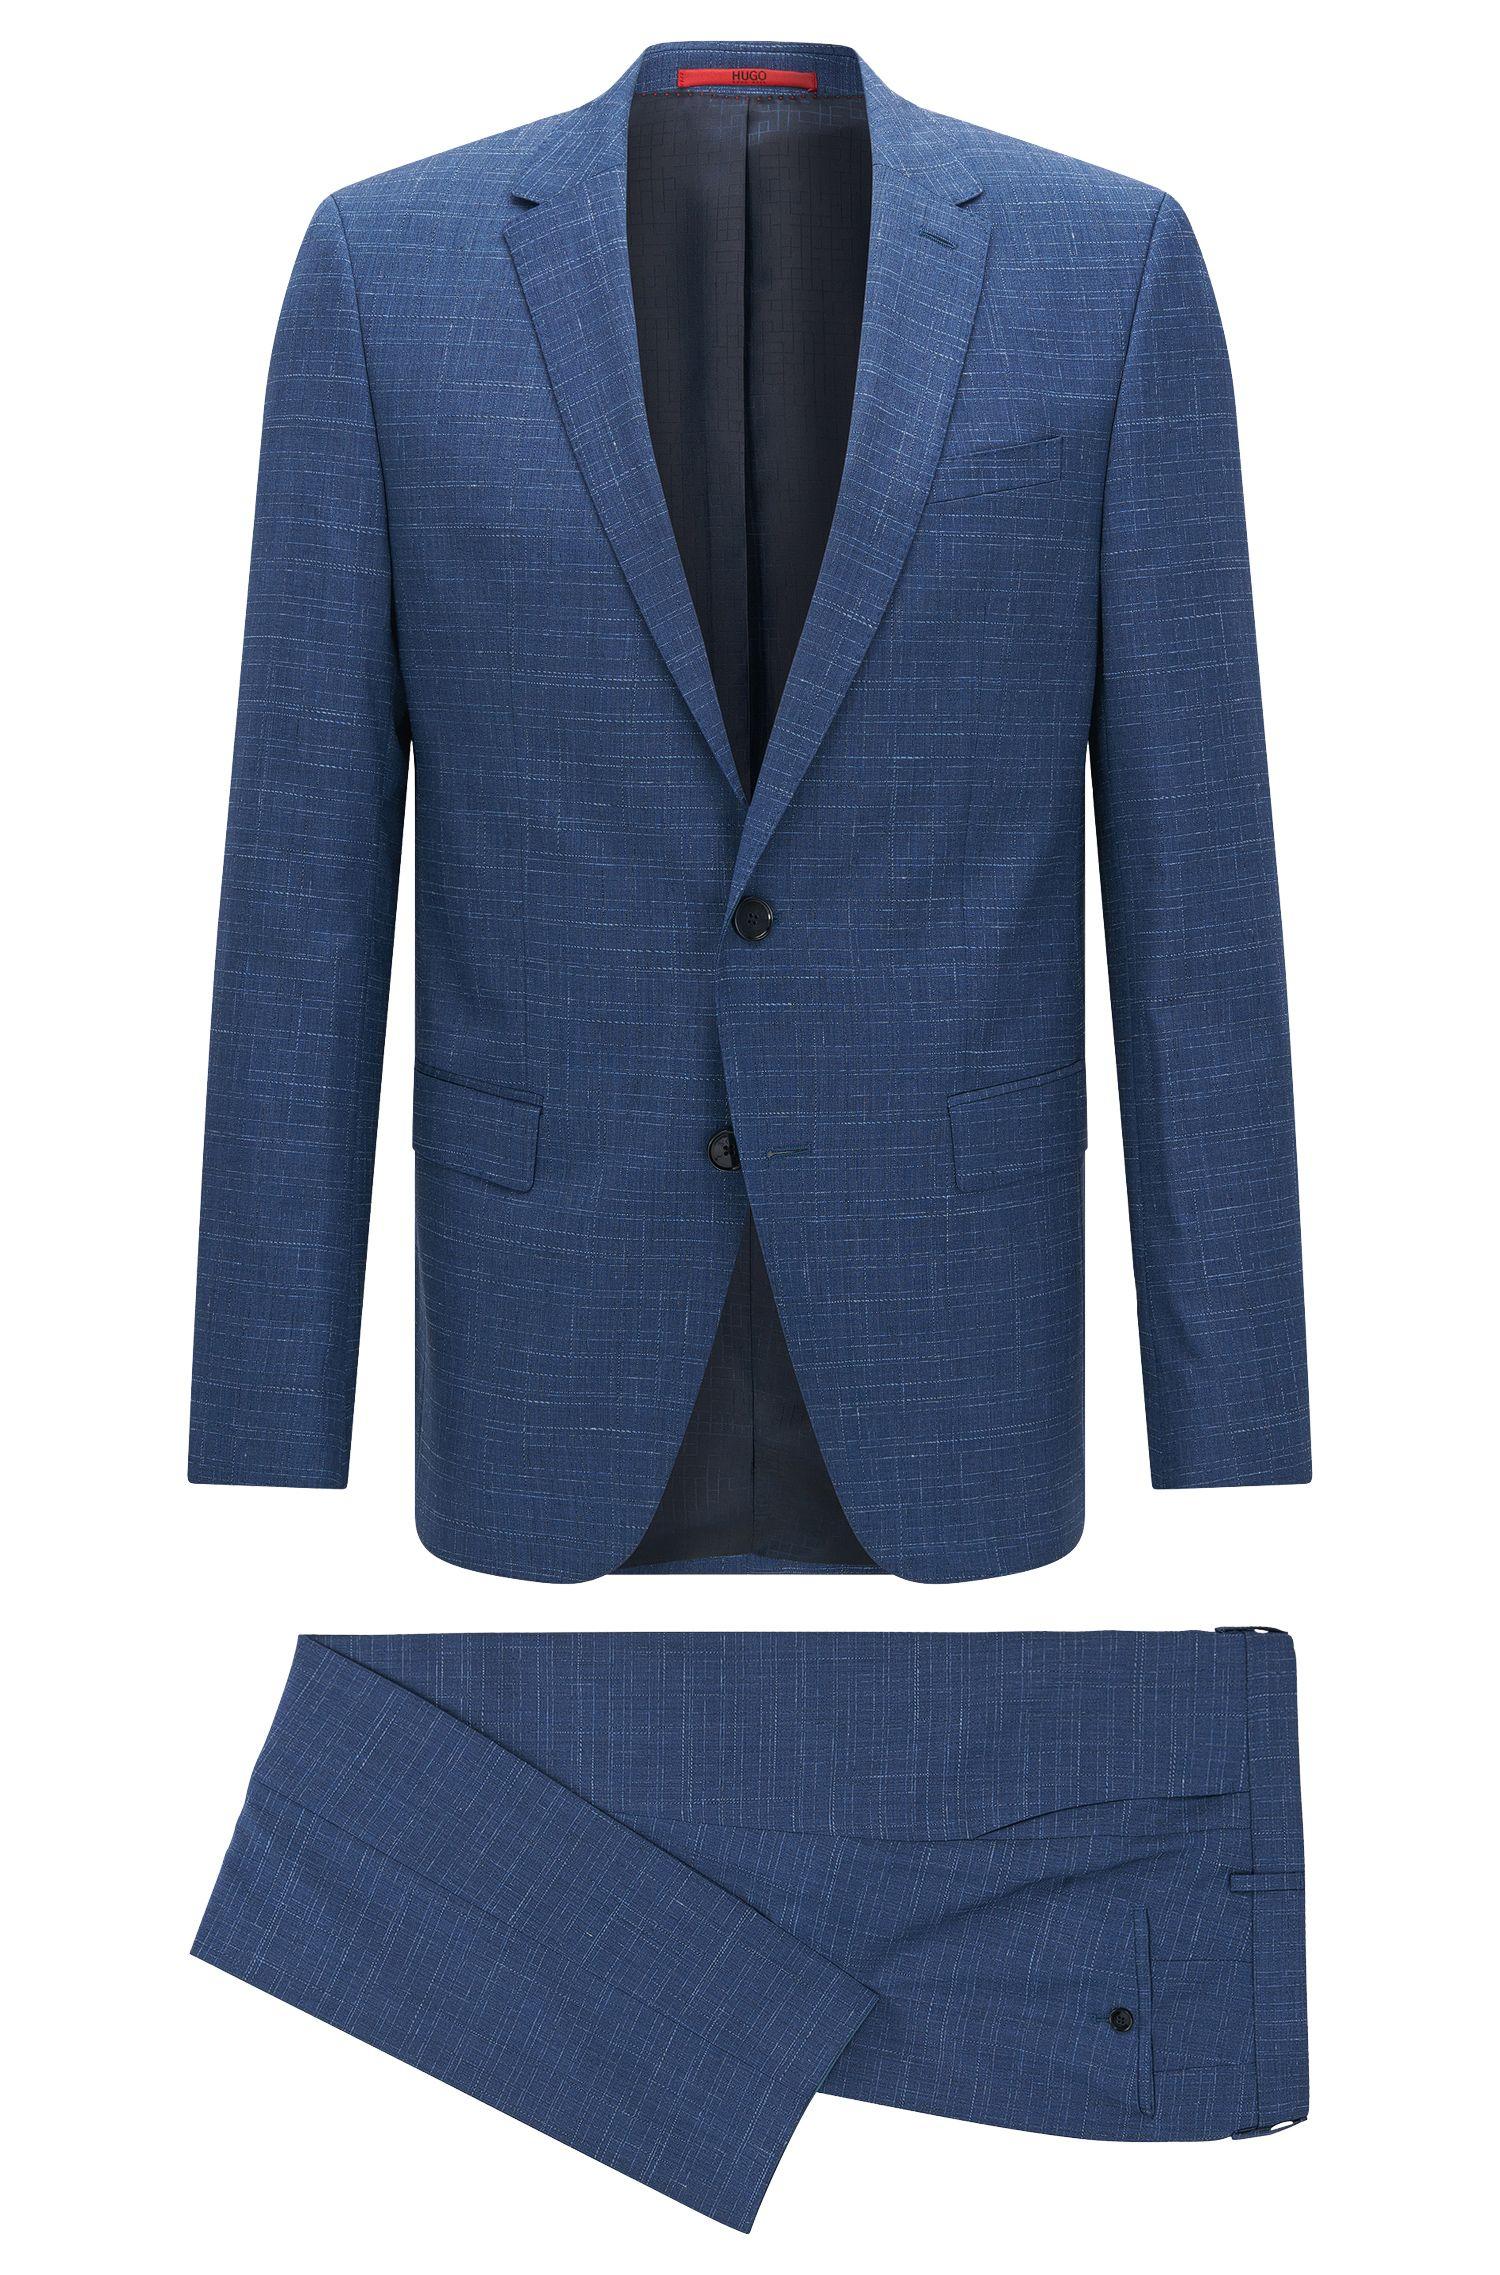 Crosshatch Virgin Wool Suit, Slim Fit | C-Harvey/C-Getlin